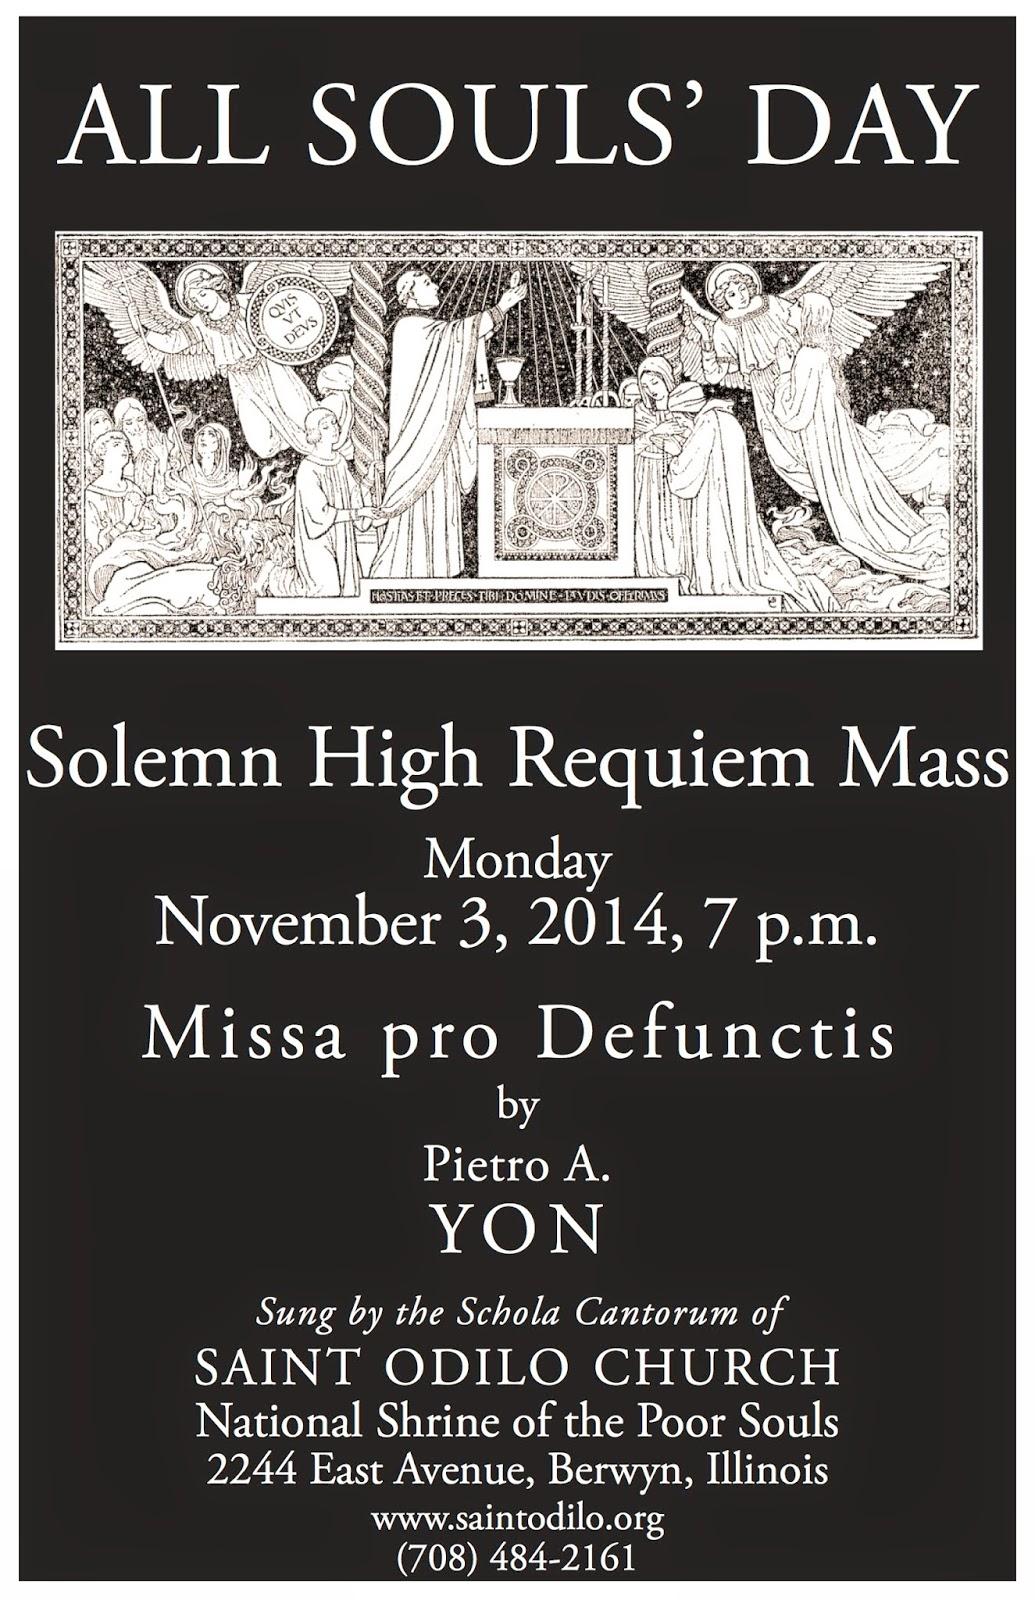 Rorate C 198 Li Event All Souls Solemn High Requiem Mass In